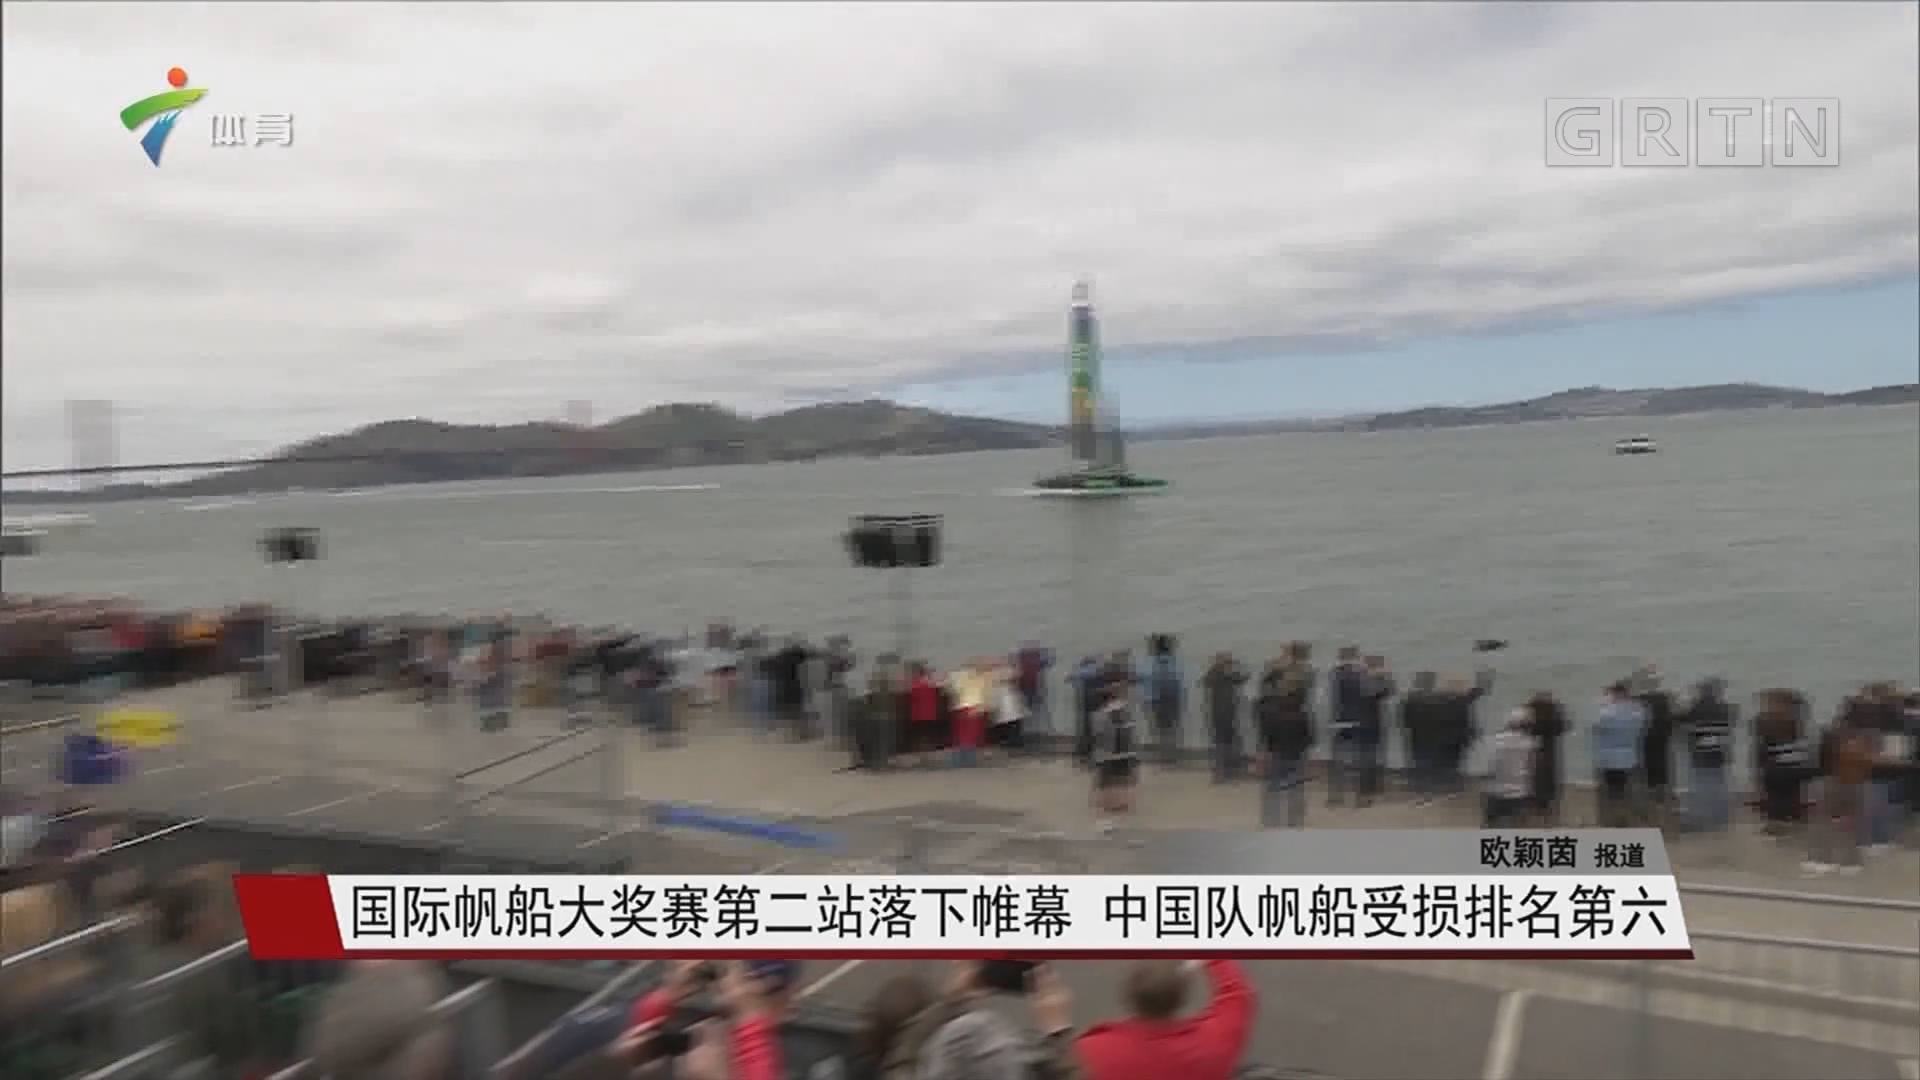 国际帆船大奖赛第二站落下帷幕 中国队帆船受损排名第六